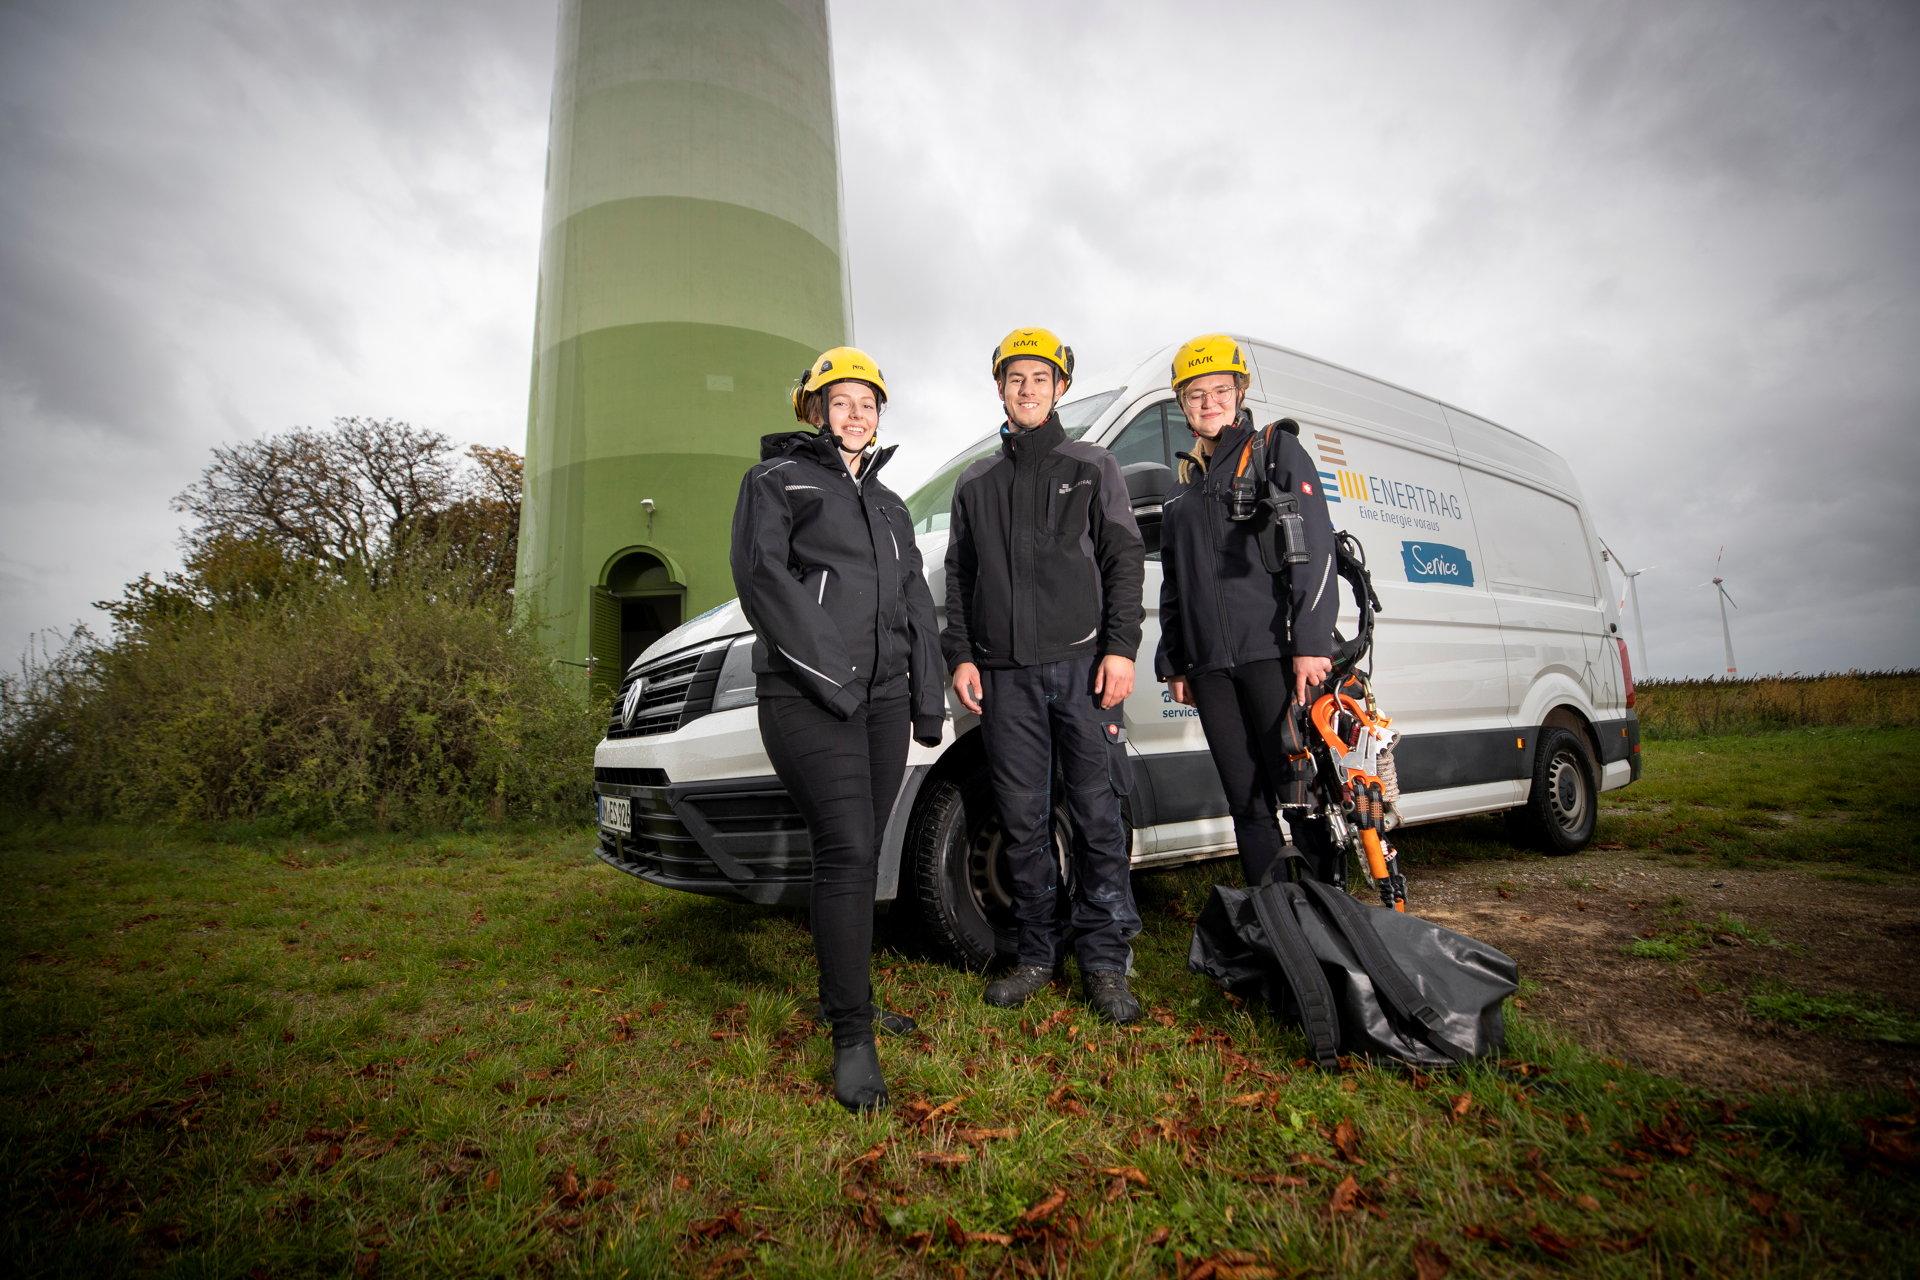 Drei Auszubildende mit orangenen Schutzhelmen vor Auto und Windkraftanlage.